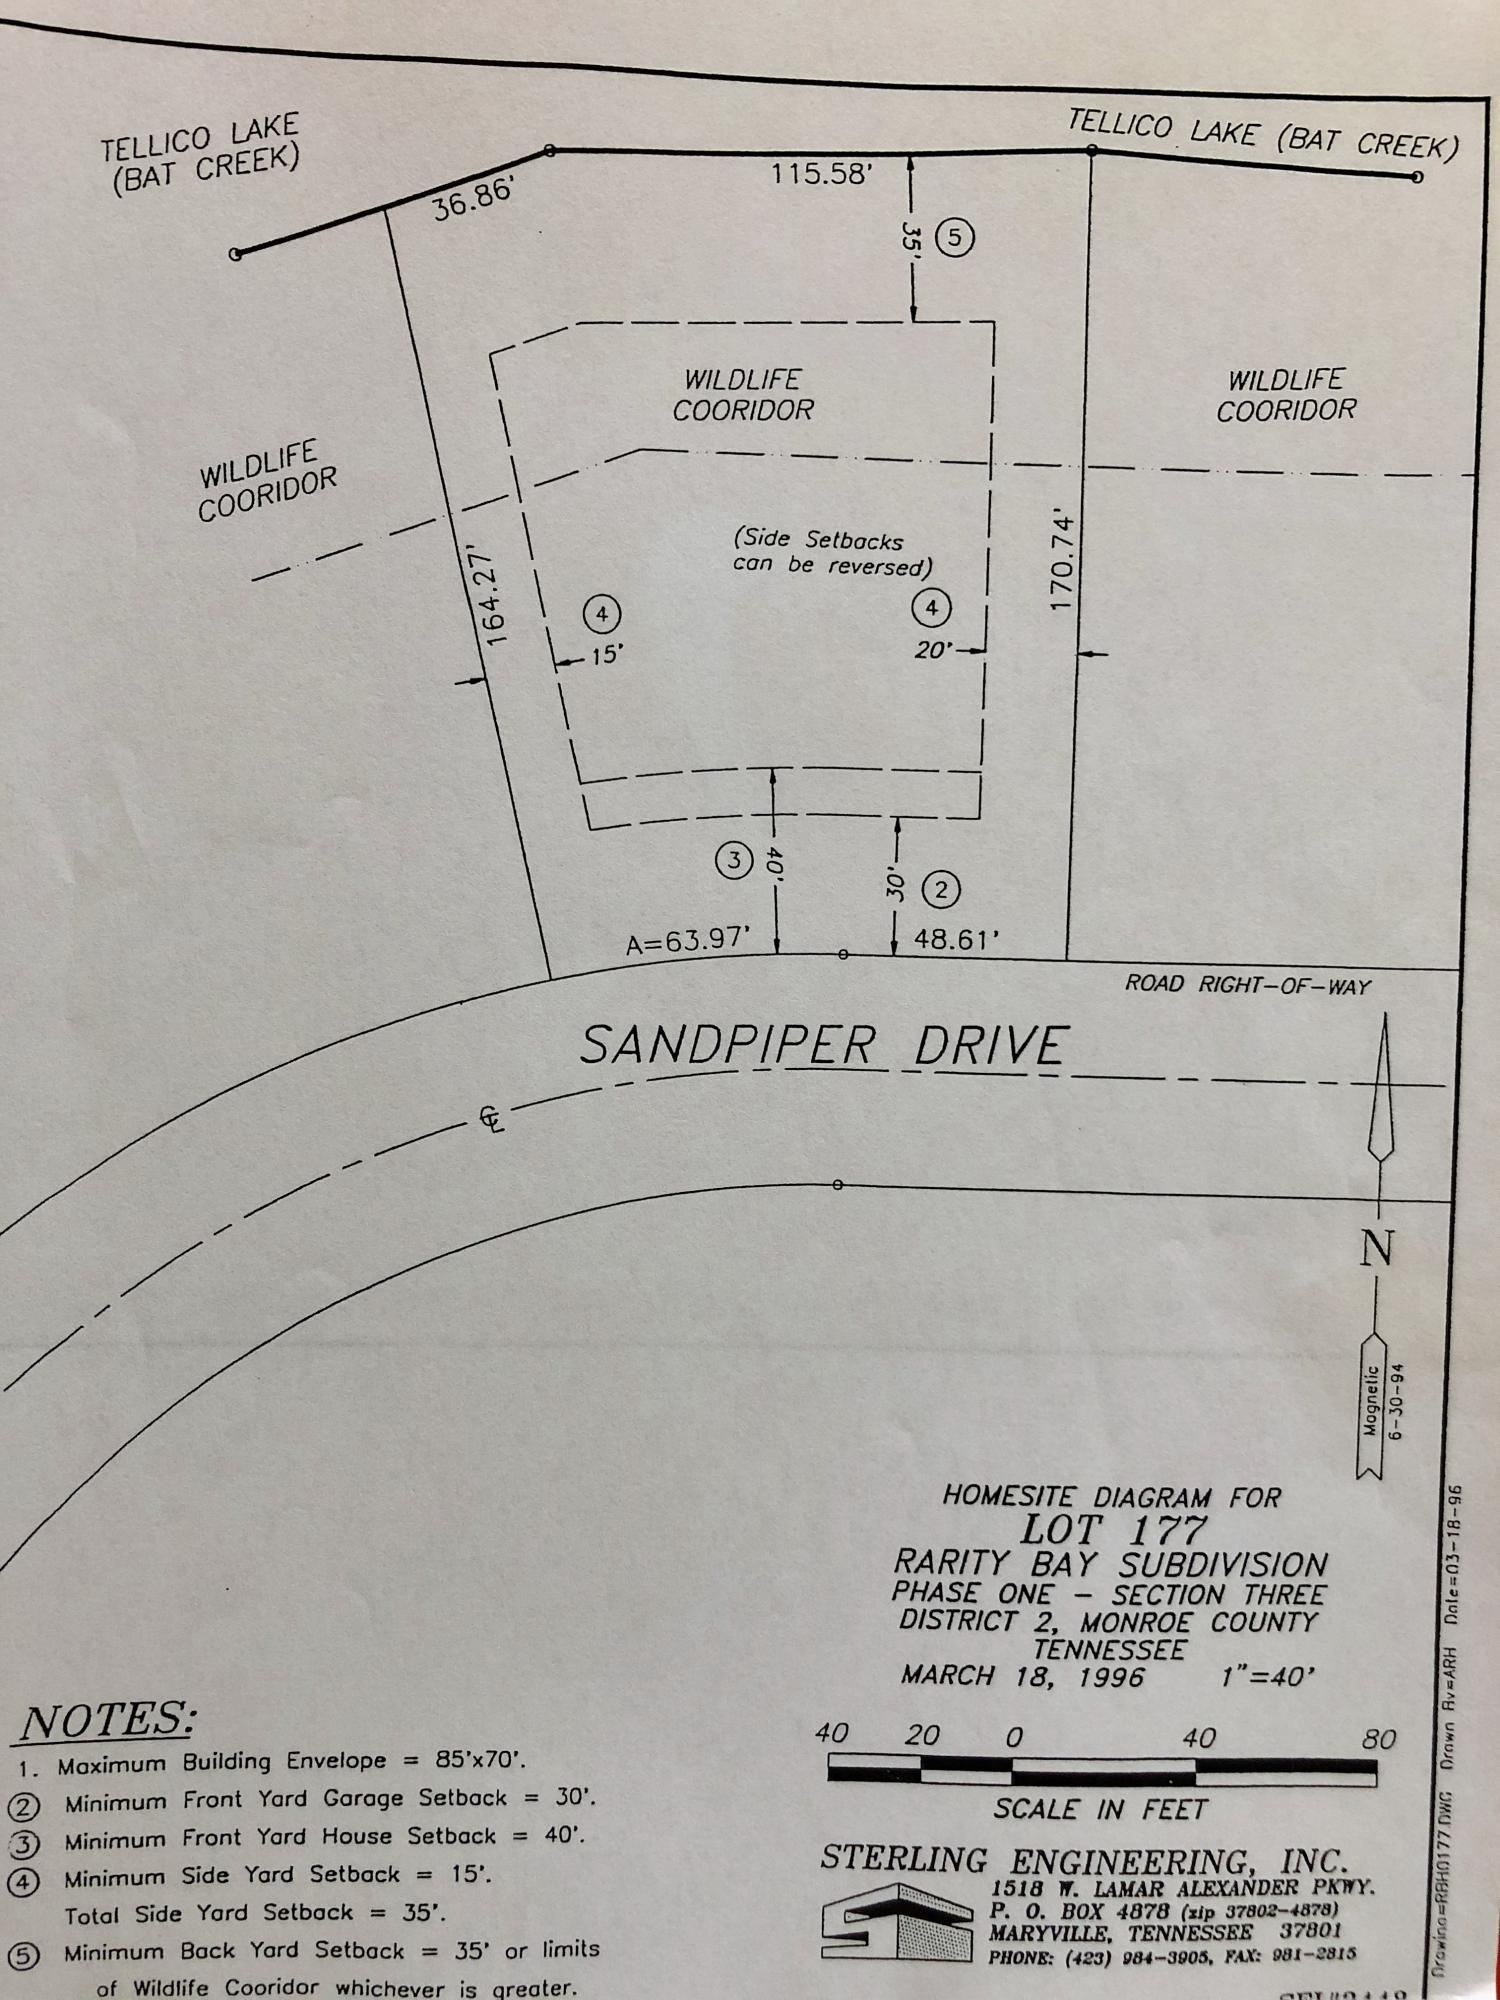 657 Sandpiper Drive: